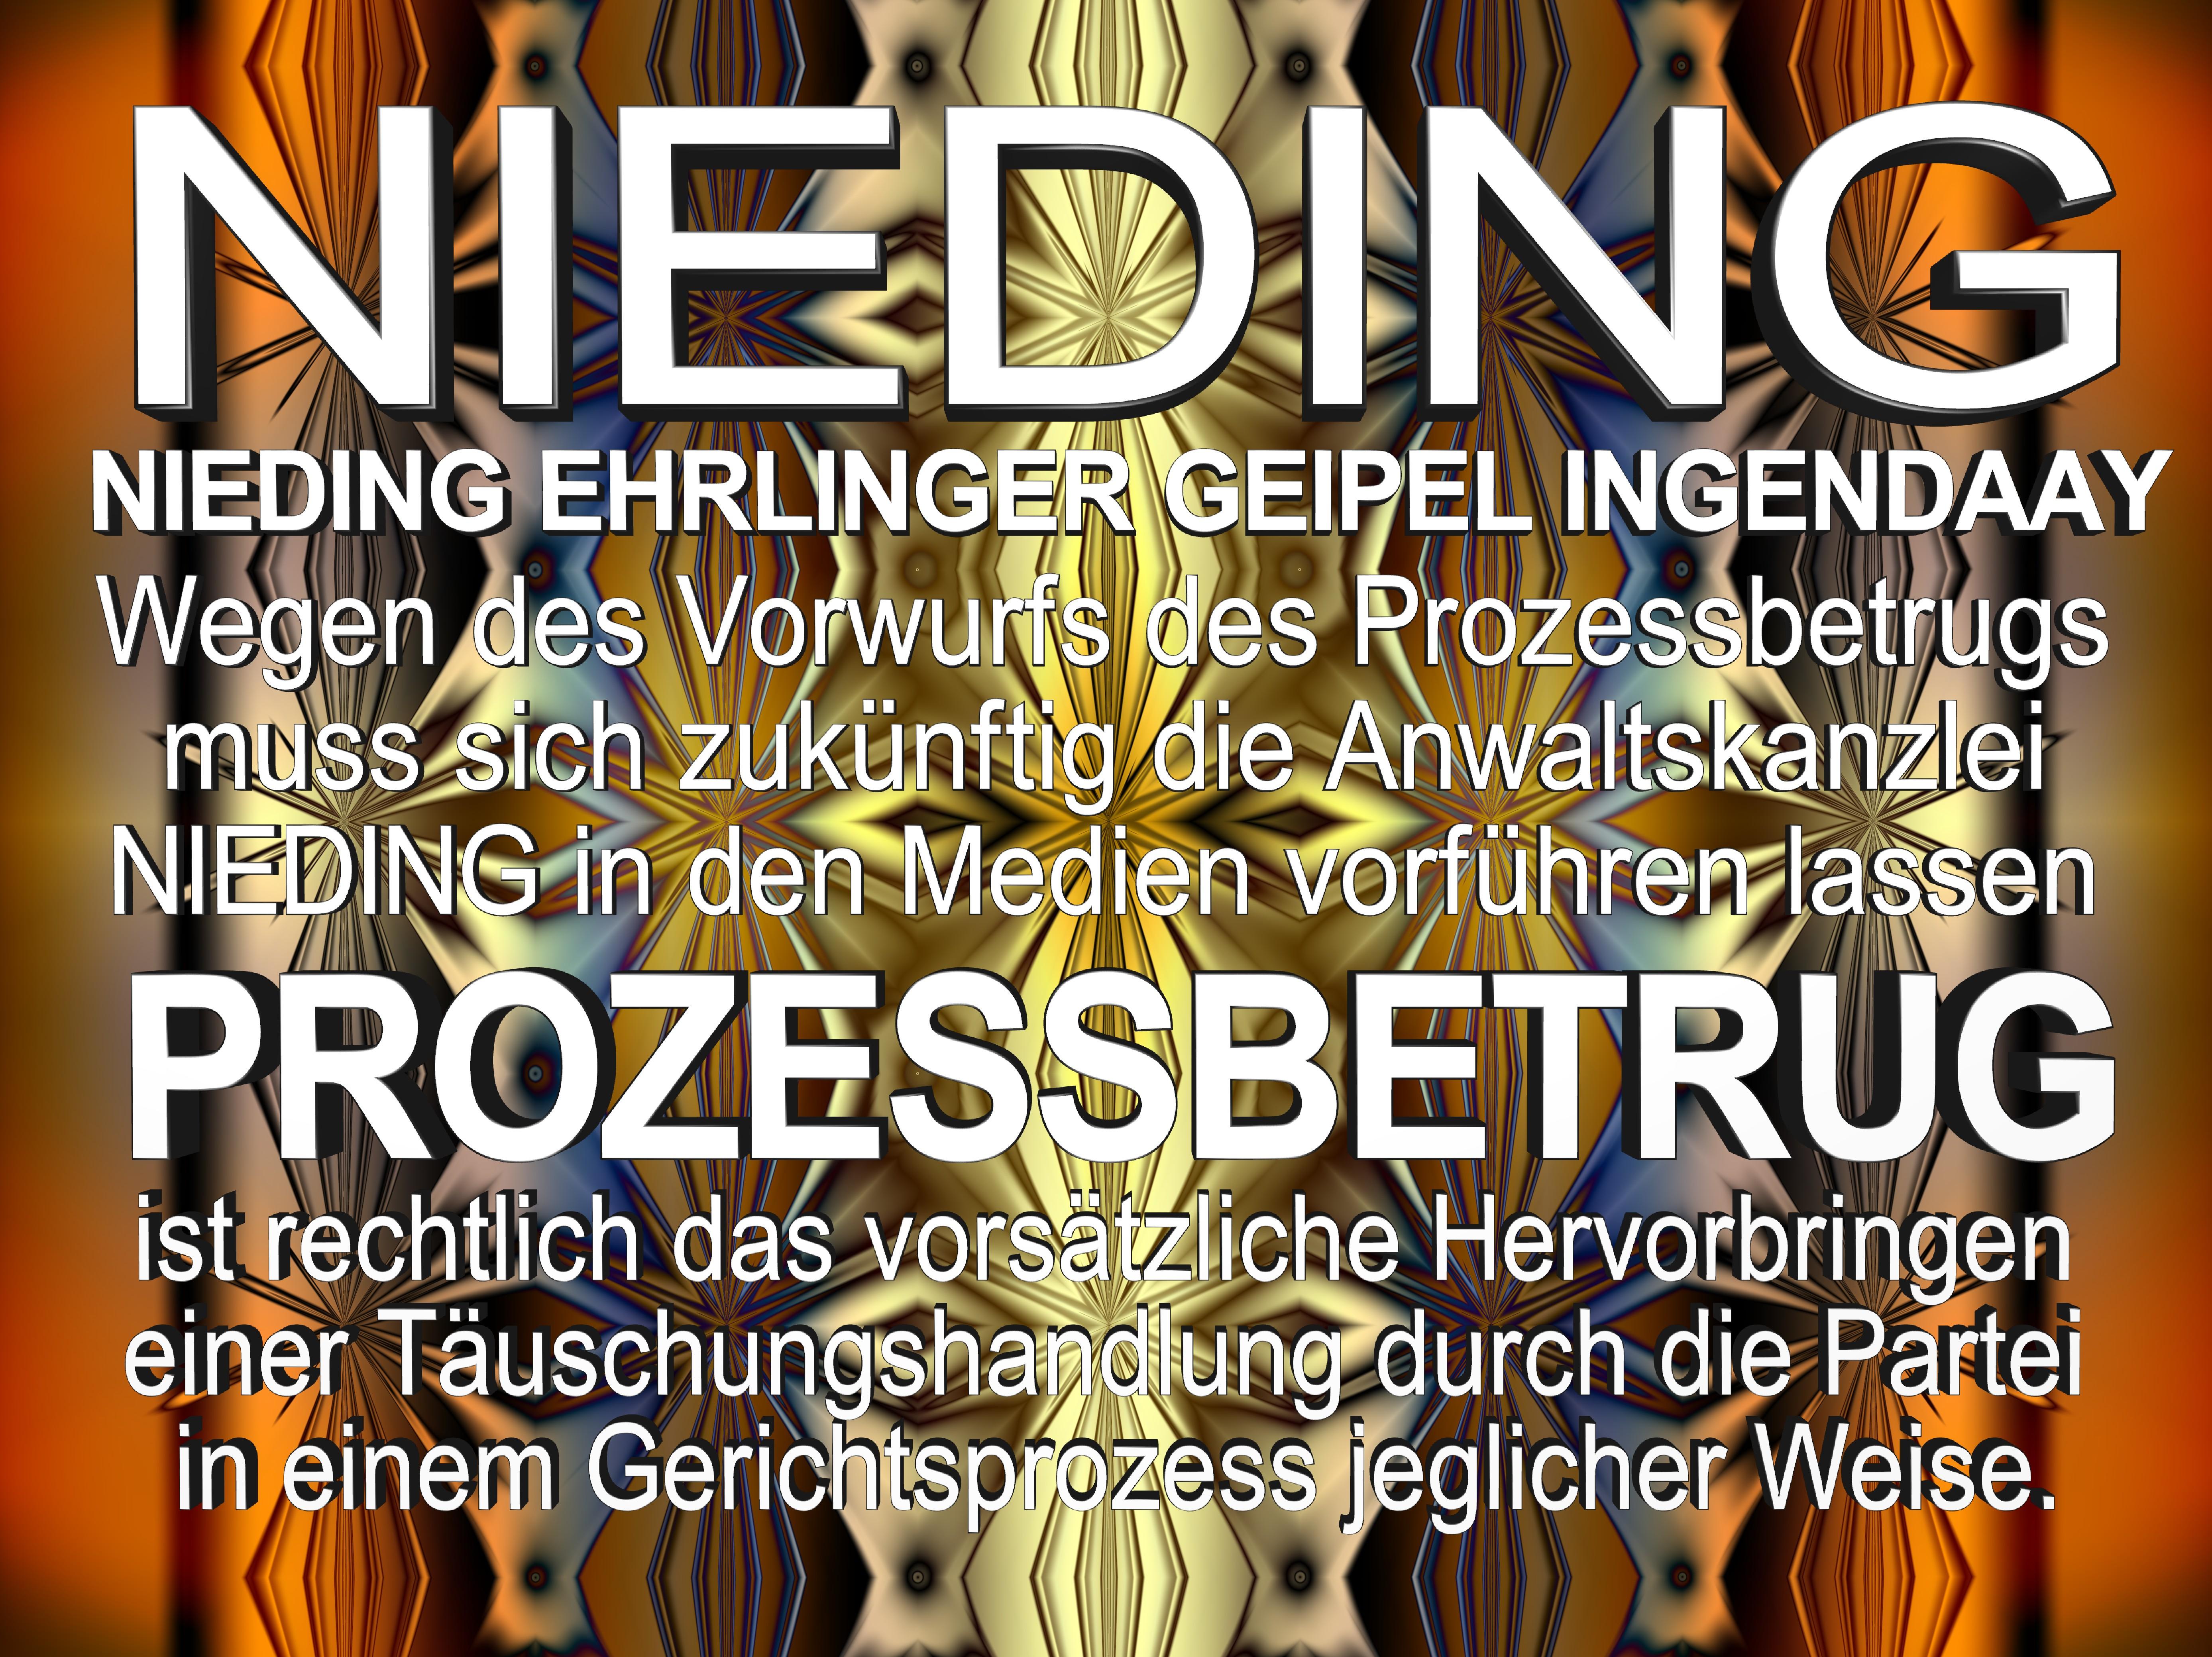 NIEDING EHRLINGER GEIPEL INGENDAAY LELKE Kurfürstendamm 66 Berlin (174)